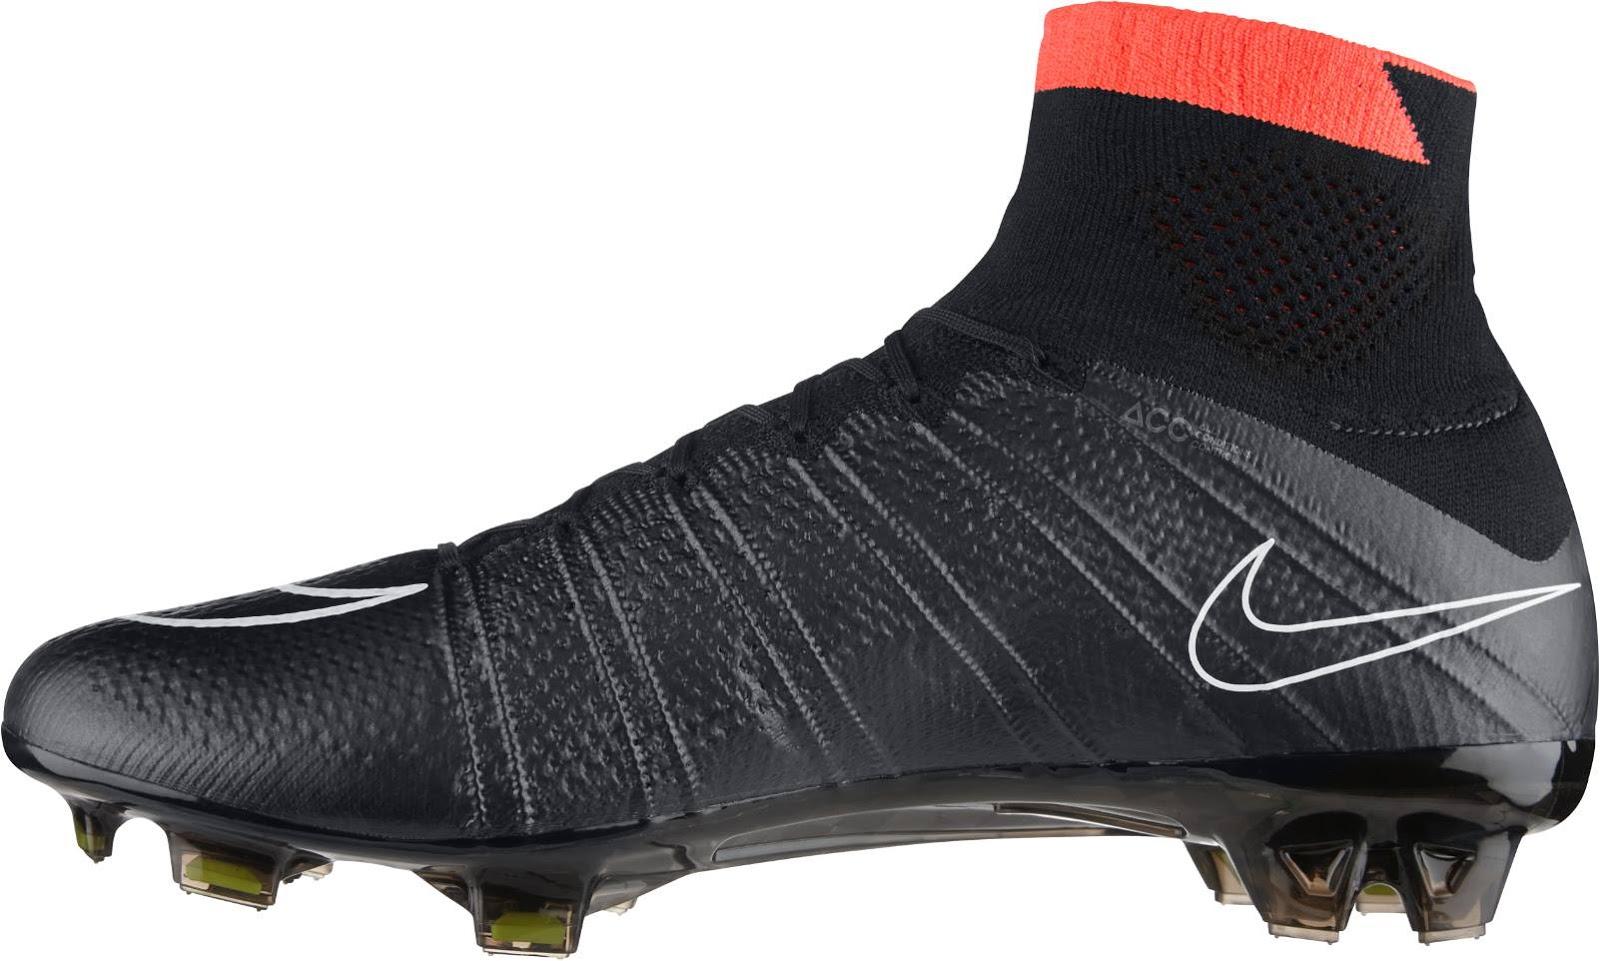 b7616b740d7a4 botas de futbol nike mercurial mercadolibre